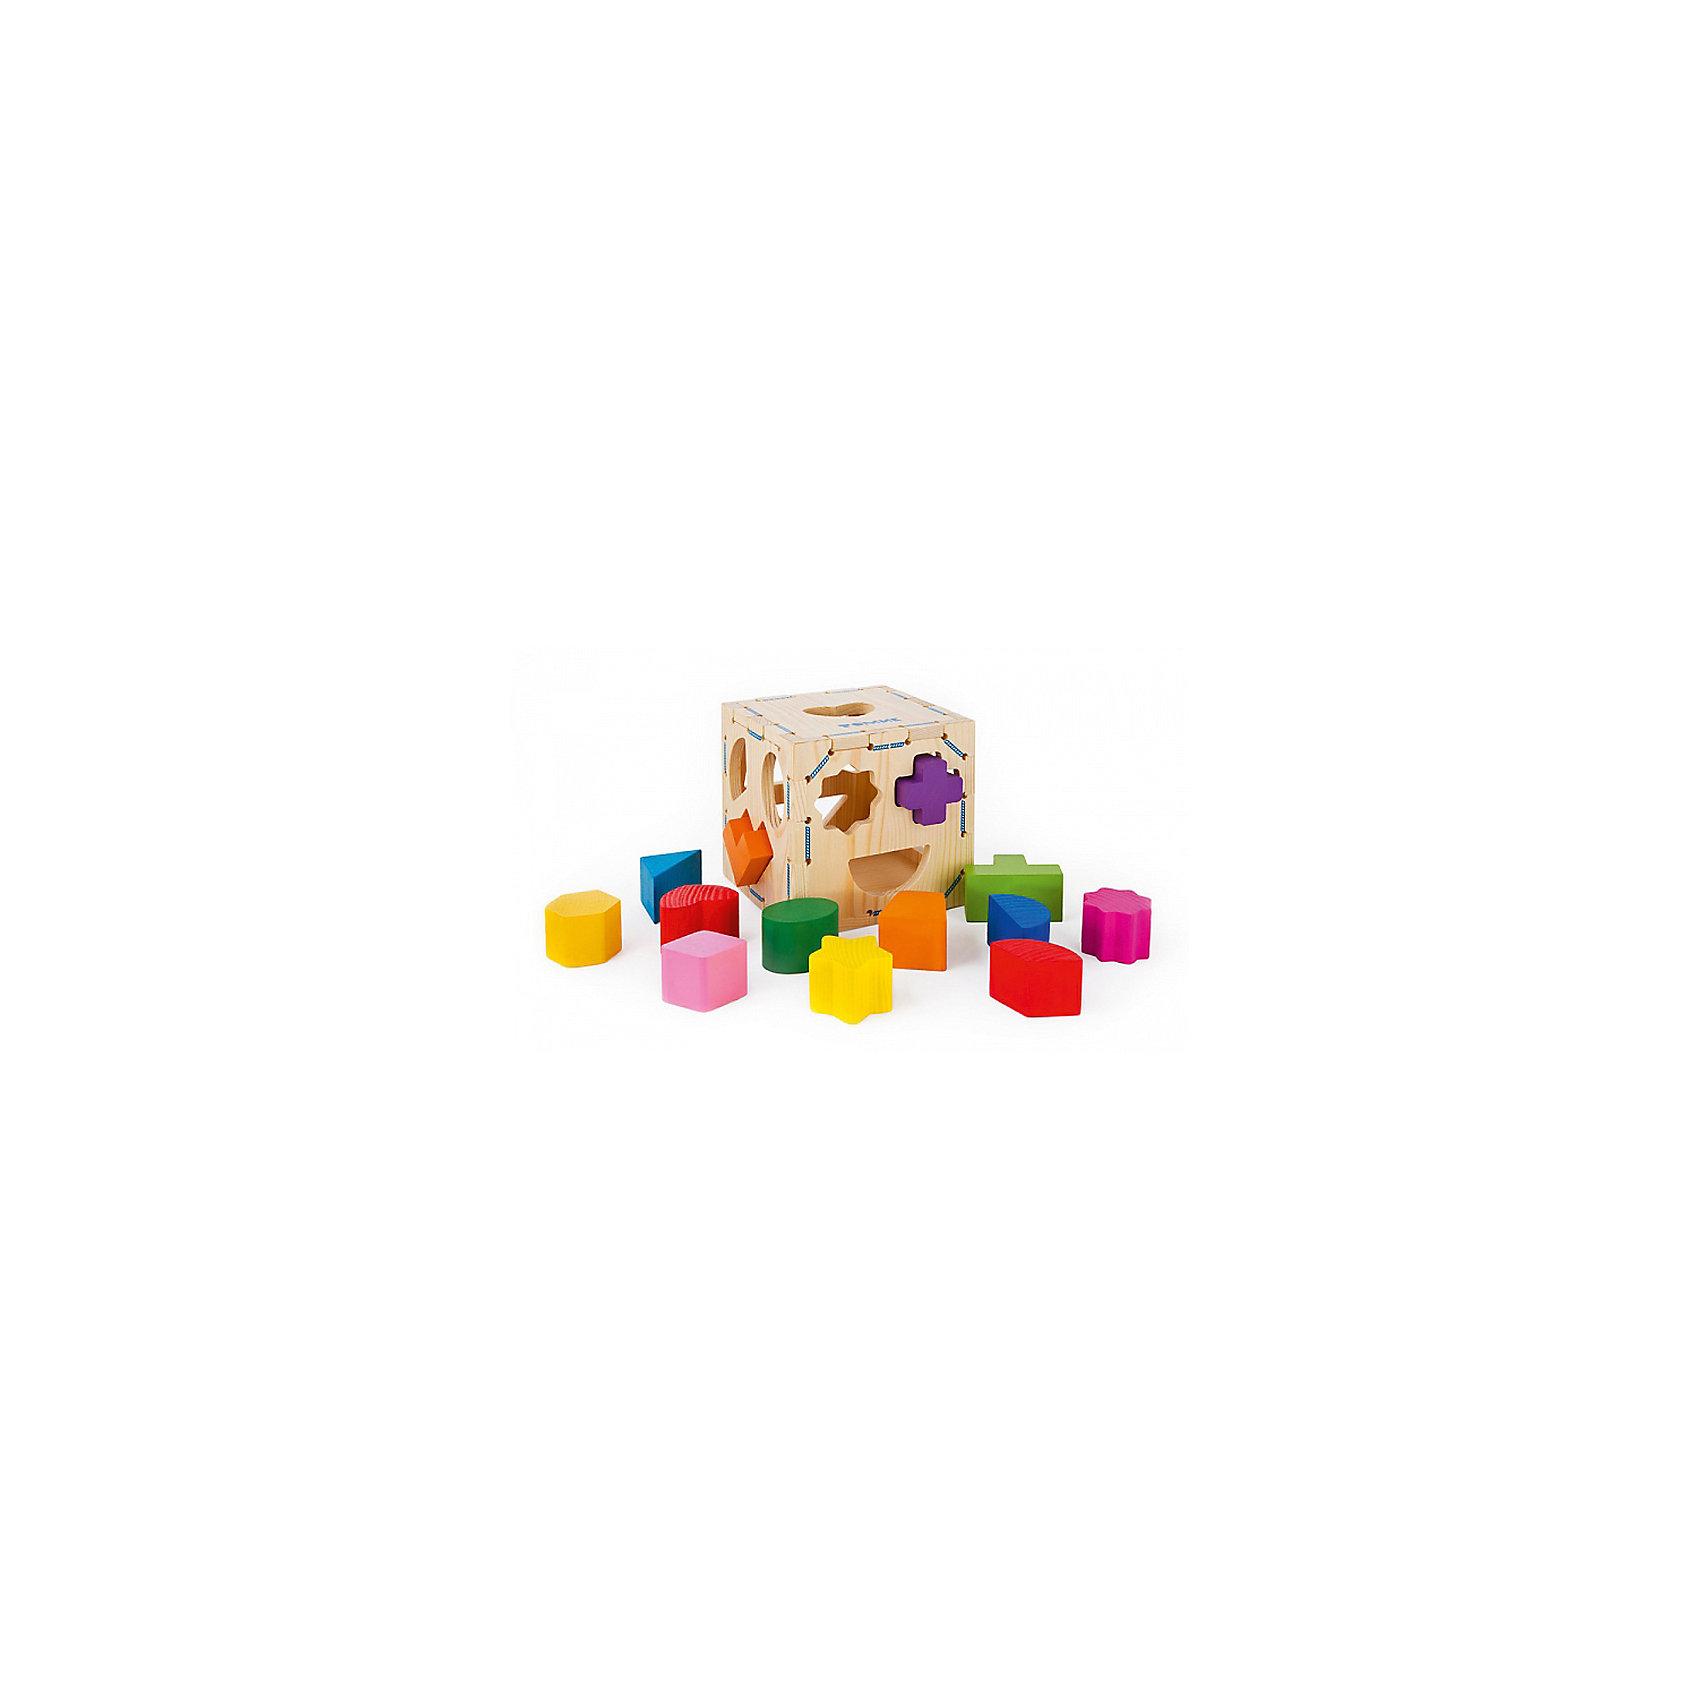 Сортер   Геометрические фигуры, 14 деталей,  ТомикСортер «Геометрические фигуры», 14 деталей, Томик – развивающая игрушка-головоломка для развития мелкой моторики, координации и логики ребенка.<br><br>Классификация, или сортировка – это важный навык, которому должен научиться ребенок. Благодаря этому сортеру ребенок познакомится с различными формами и цветами. Задача ребенка – подобрать для определенной геометрической фигуры соответствующее ей отверстие. Снимающаяся верхняя крышка позволяет доставать элементы из сортера. <br> <br>Комплектация:<br>- коробка-сортер<br>- 13 разнообразных геометрических форм<br><br>Дополнительная информация:<br><br>- размер сортера: 12х12х12 см, толщина стенки 7 мм<br>- вес: 520 г<br>- материал: дерево<br><br>Сортер «Геометрические фигуры», 14 деталей, Томик – отличный подарок для ребенка, который  надолго увлечет его и поможет в приобретении необходимых навыков.<br><br>Сортер «Геометрические фигуры», 14 деталей, Томик можно купить в нашем магазине.<br><br>Ширина мм: 120<br>Глубина мм: 120<br>Высота мм: 120<br>Вес г: 550<br>Возраст от месяцев: 12<br>Возраст до месяцев: 36<br>Пол: Унисекс<br>Возраст: Детский<br>SKU: 3574610